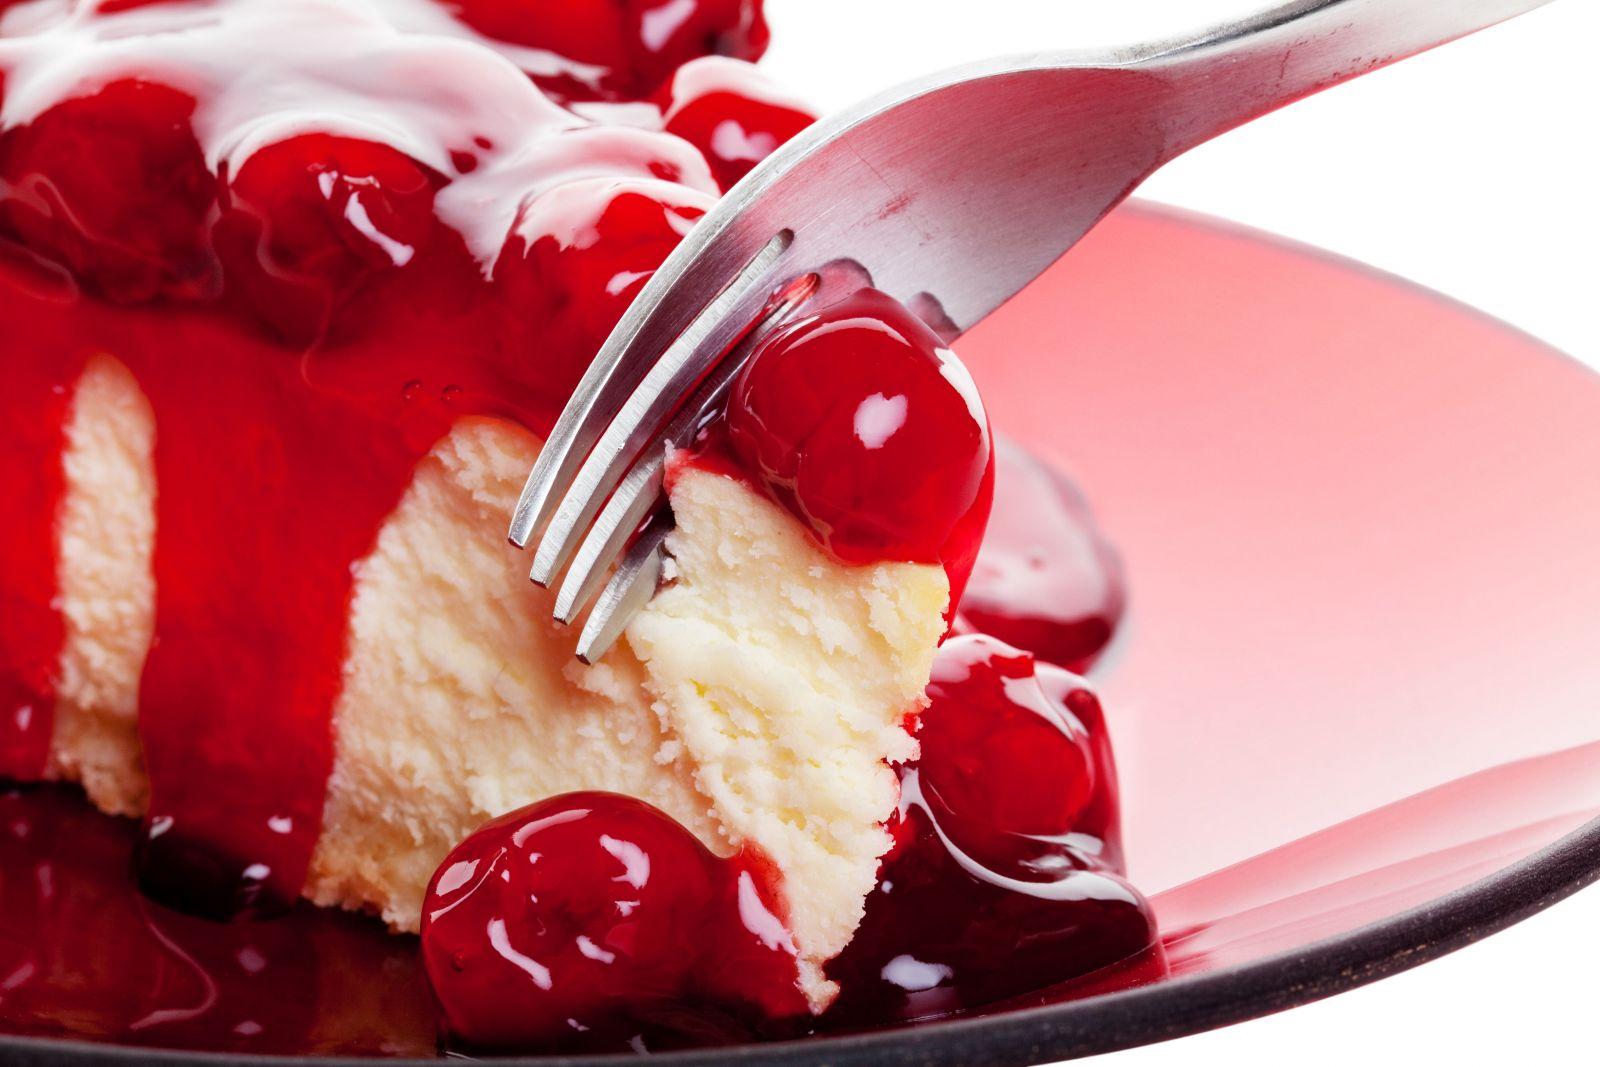 Рецепты тортов без выпечки: десерты, на которые не нужно тратить уйму времени - фото №2